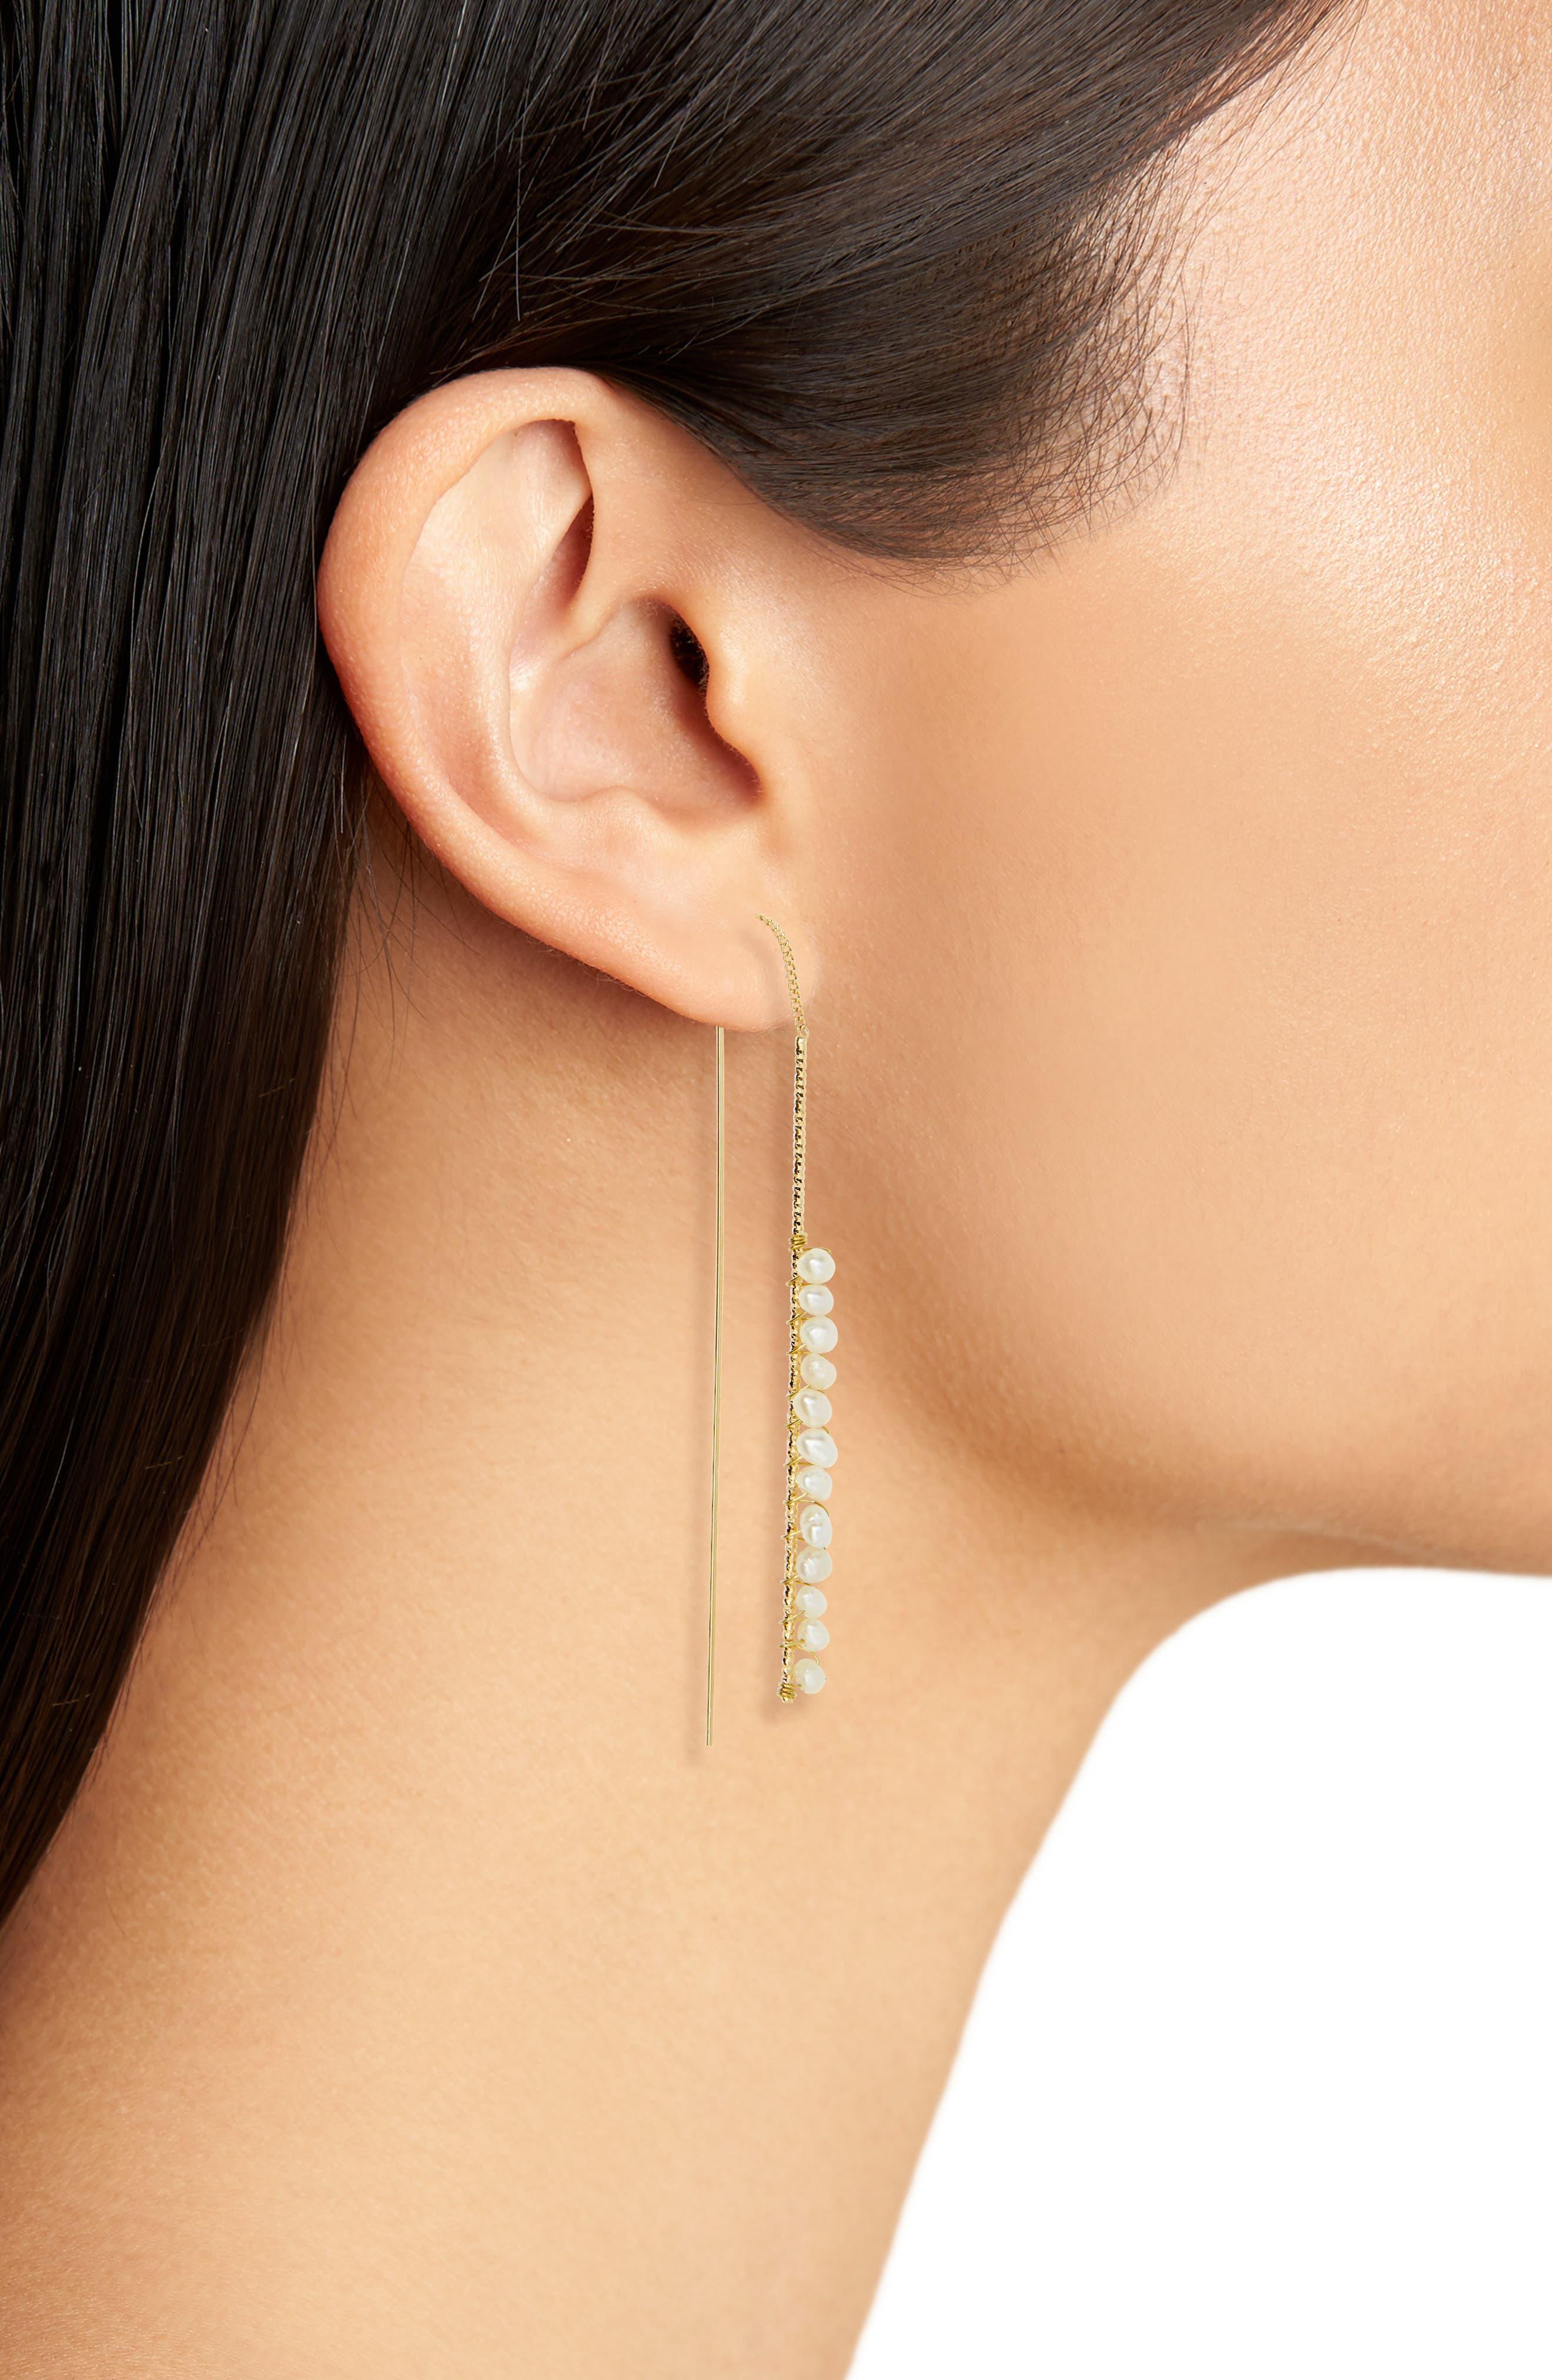 Freshwater Pearl Linear Threader Earrings,                             Alternate thumbnail 2, color,                             100